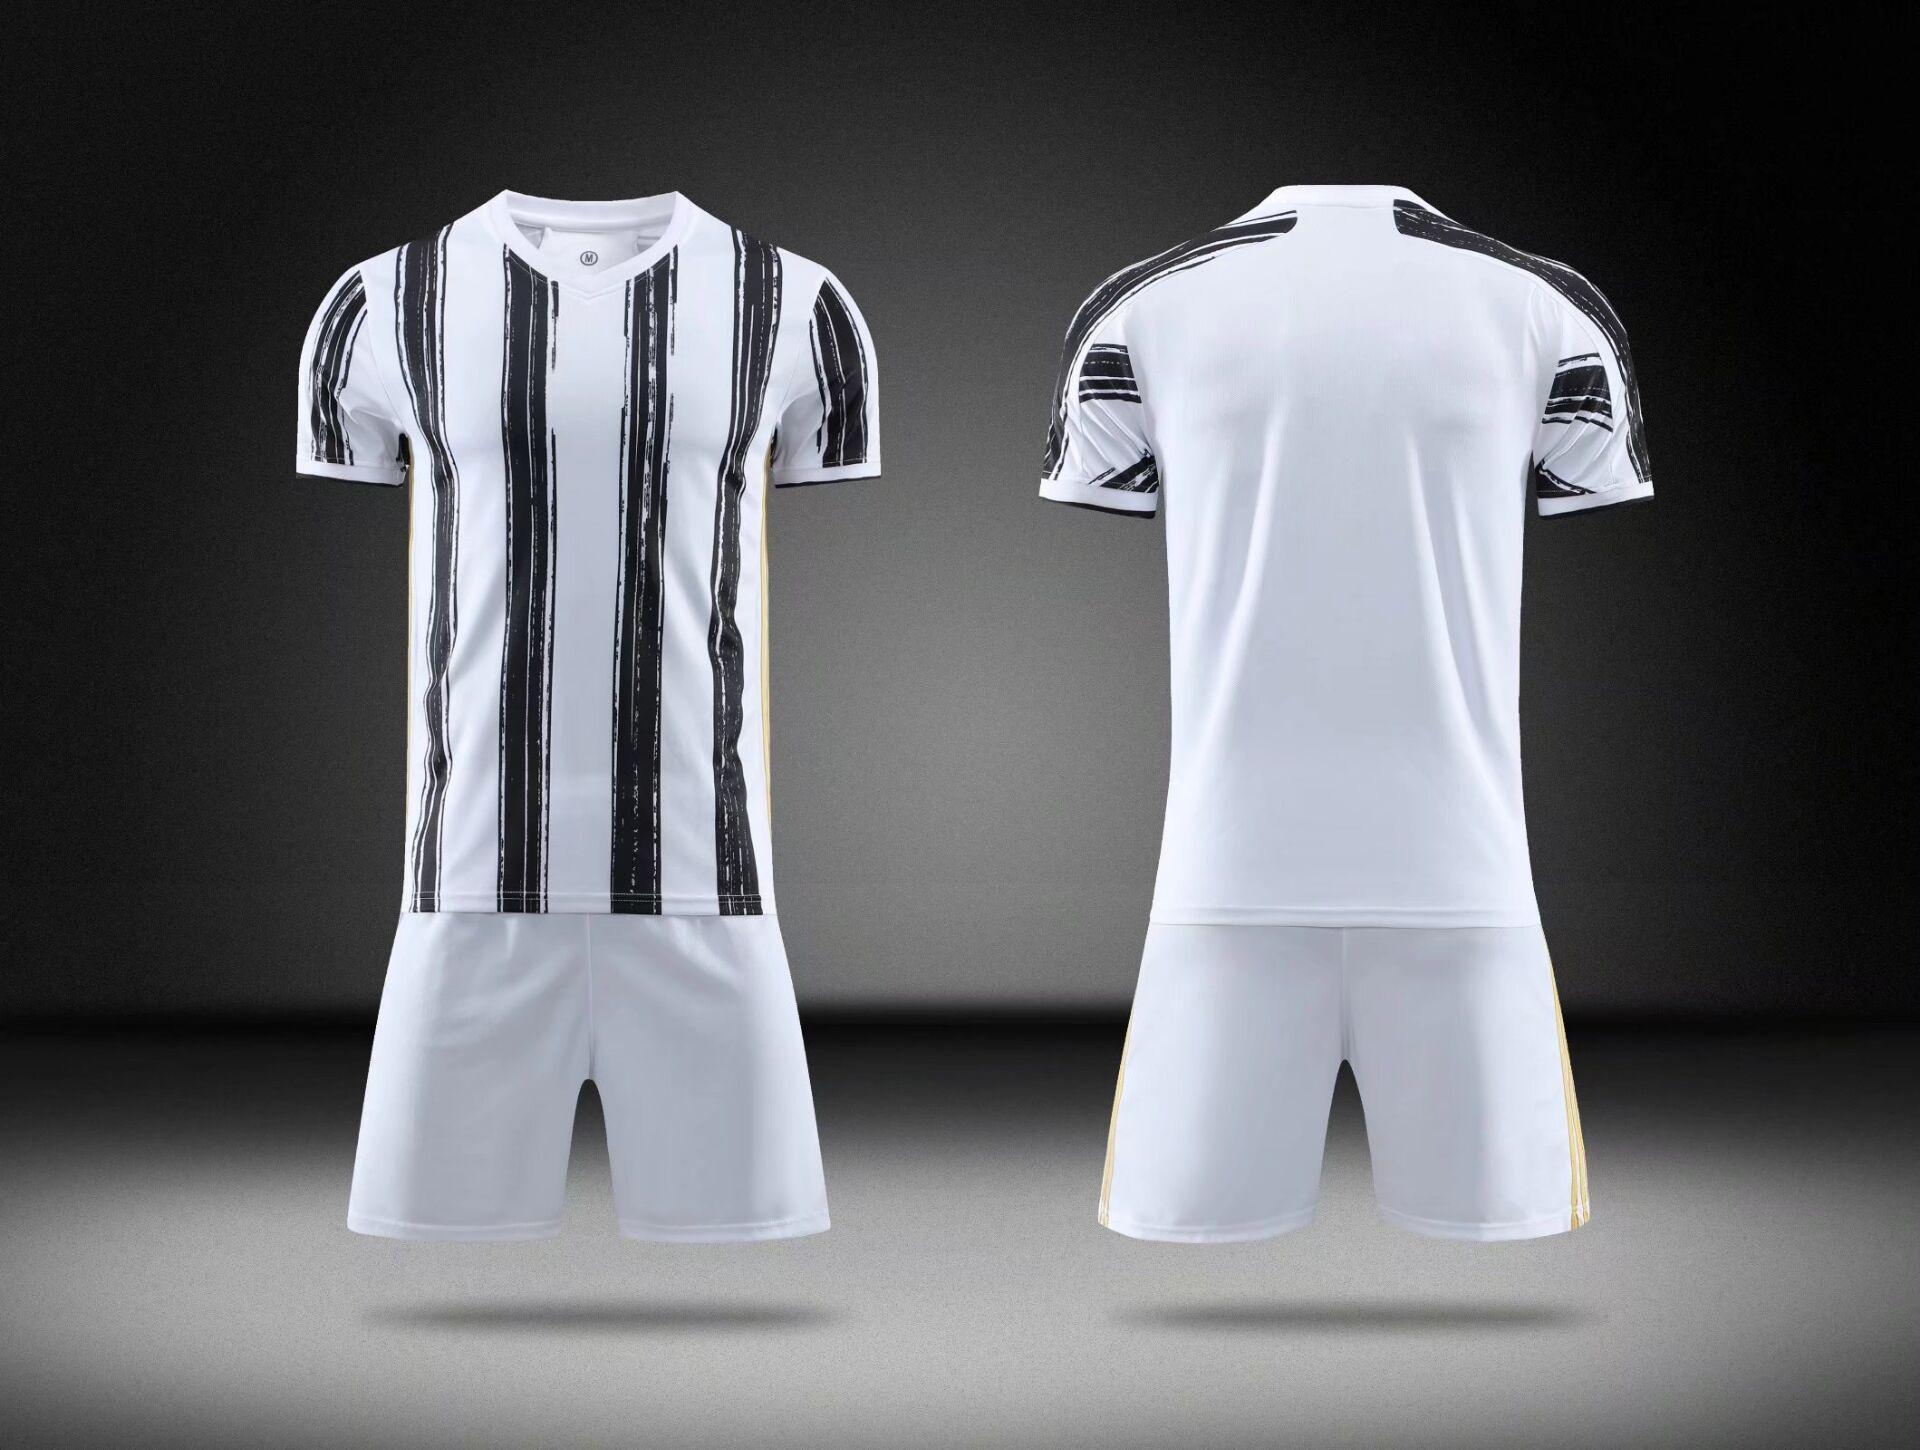 클럽 팀 남자 축구 유니폼 세트 2021 여름 팬들 소년 축구 일반 정장 성인용 광택 셔츠 키트 부드러운 접시 편안한 남자의 느슨한 통기성 셔츠